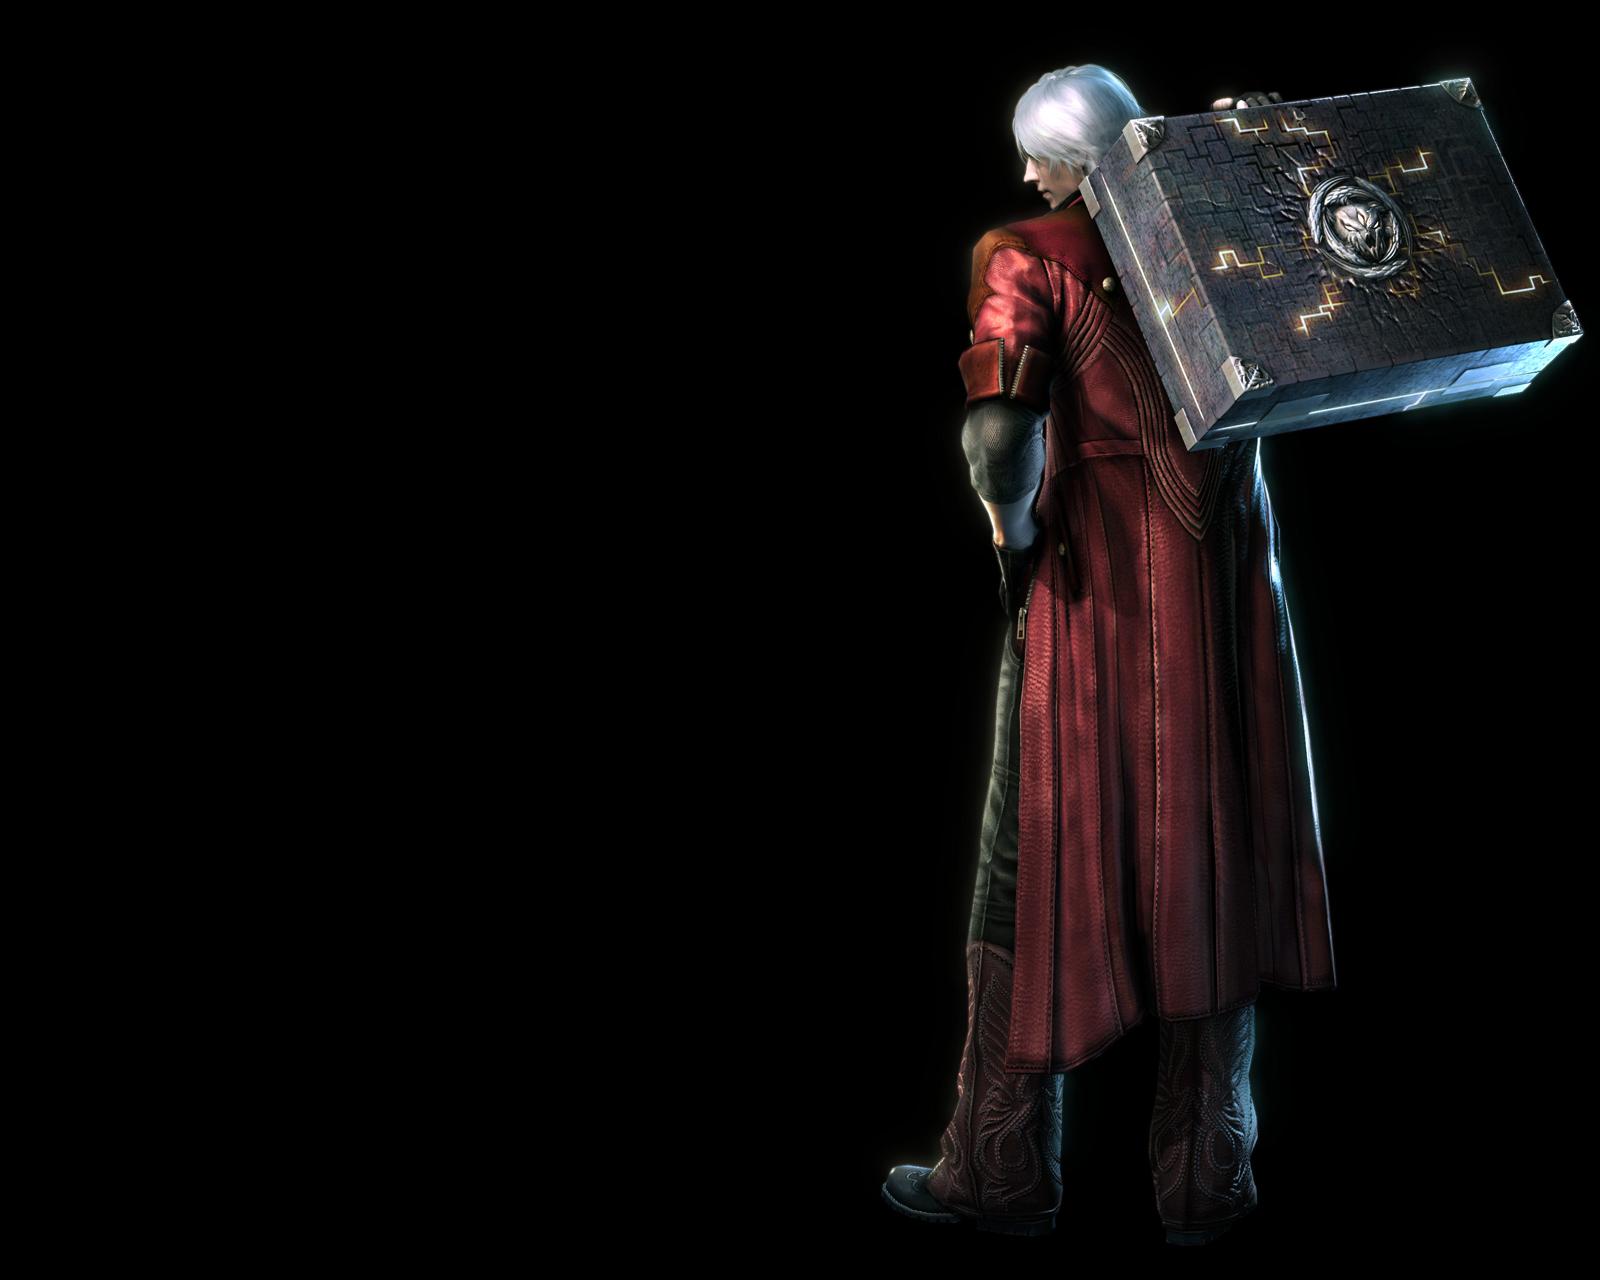 Fonds Decran Devil May Cry Devil May Cry 4 Dante Jeux Télécharger Photo